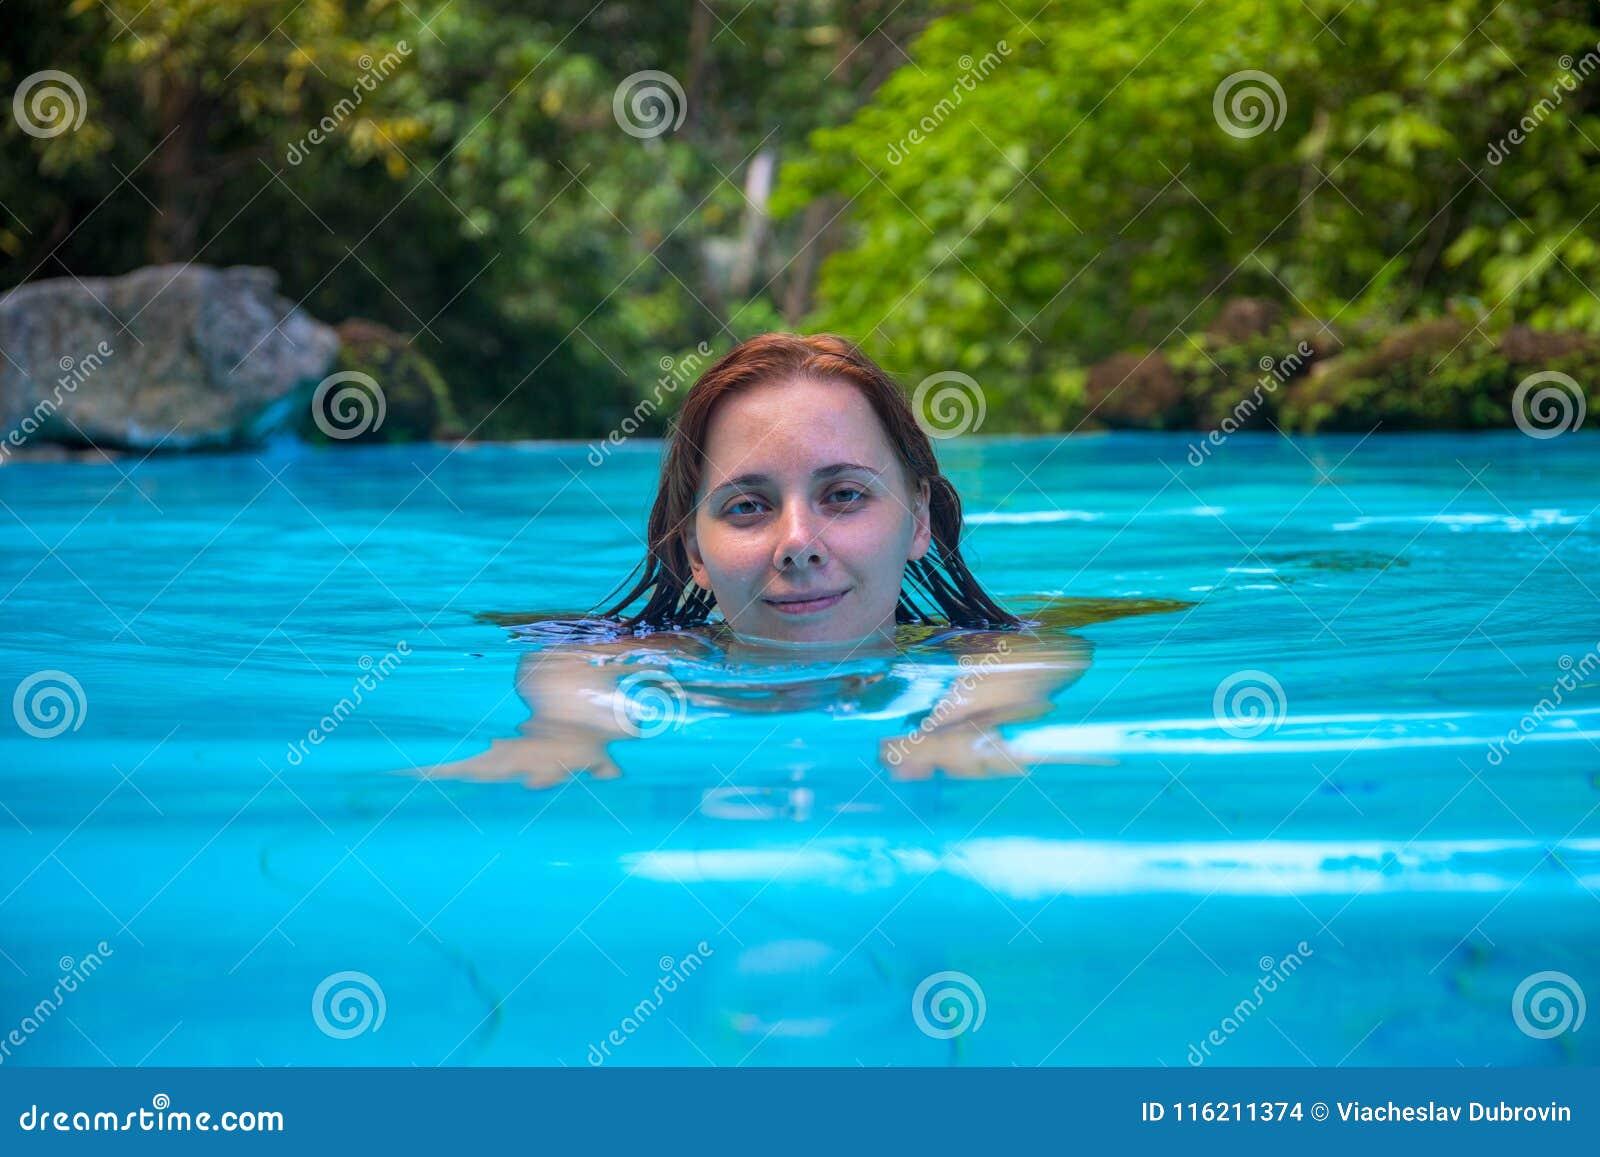 4a0b46914 Mulher relaxado na piscina aberta Menina da natação que olha in camera  Menina na piscina aberta Foto da experiência das férias de verão Cena  tropical do ...